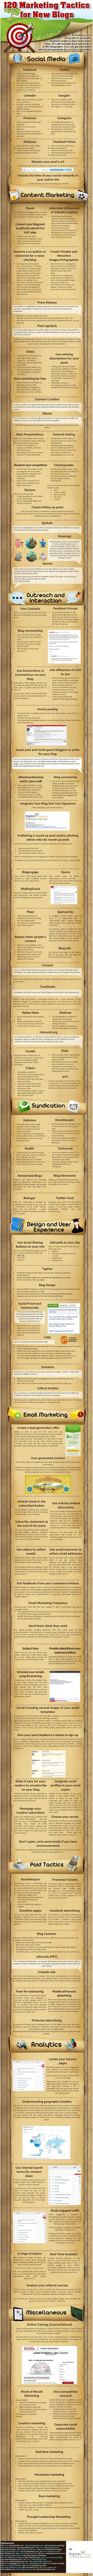 120 Marketing Tactics for Blogging Success - Jeffbullas's Blog | Website Content & Rank Engineering | Scoop.it